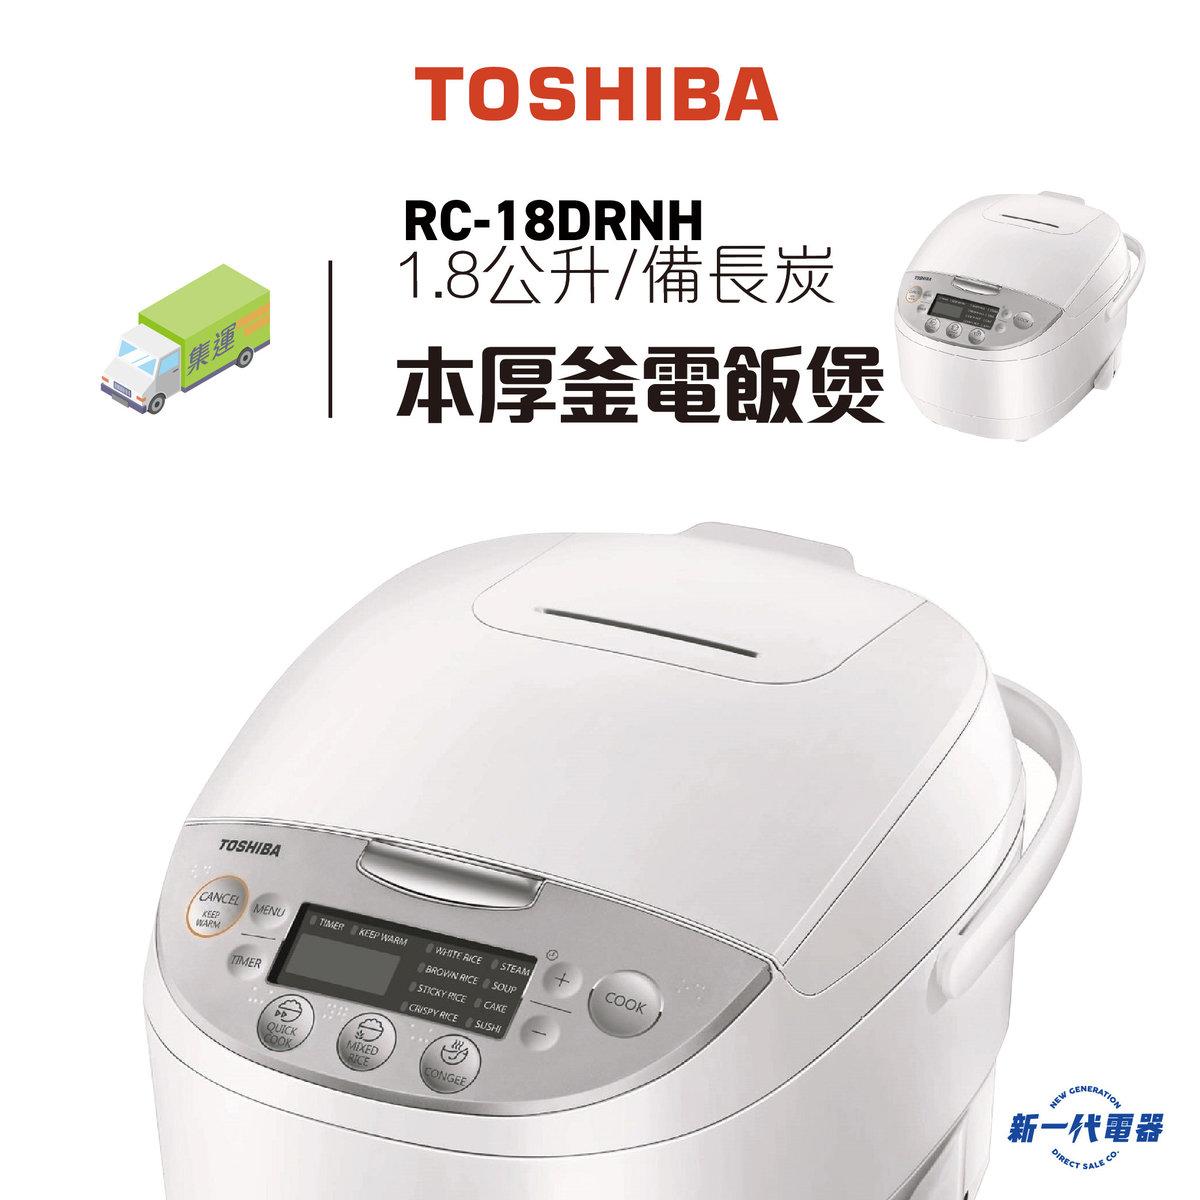 RC-18DRNH  多功能備長炭本厚釜電飯煲(1.8公升)